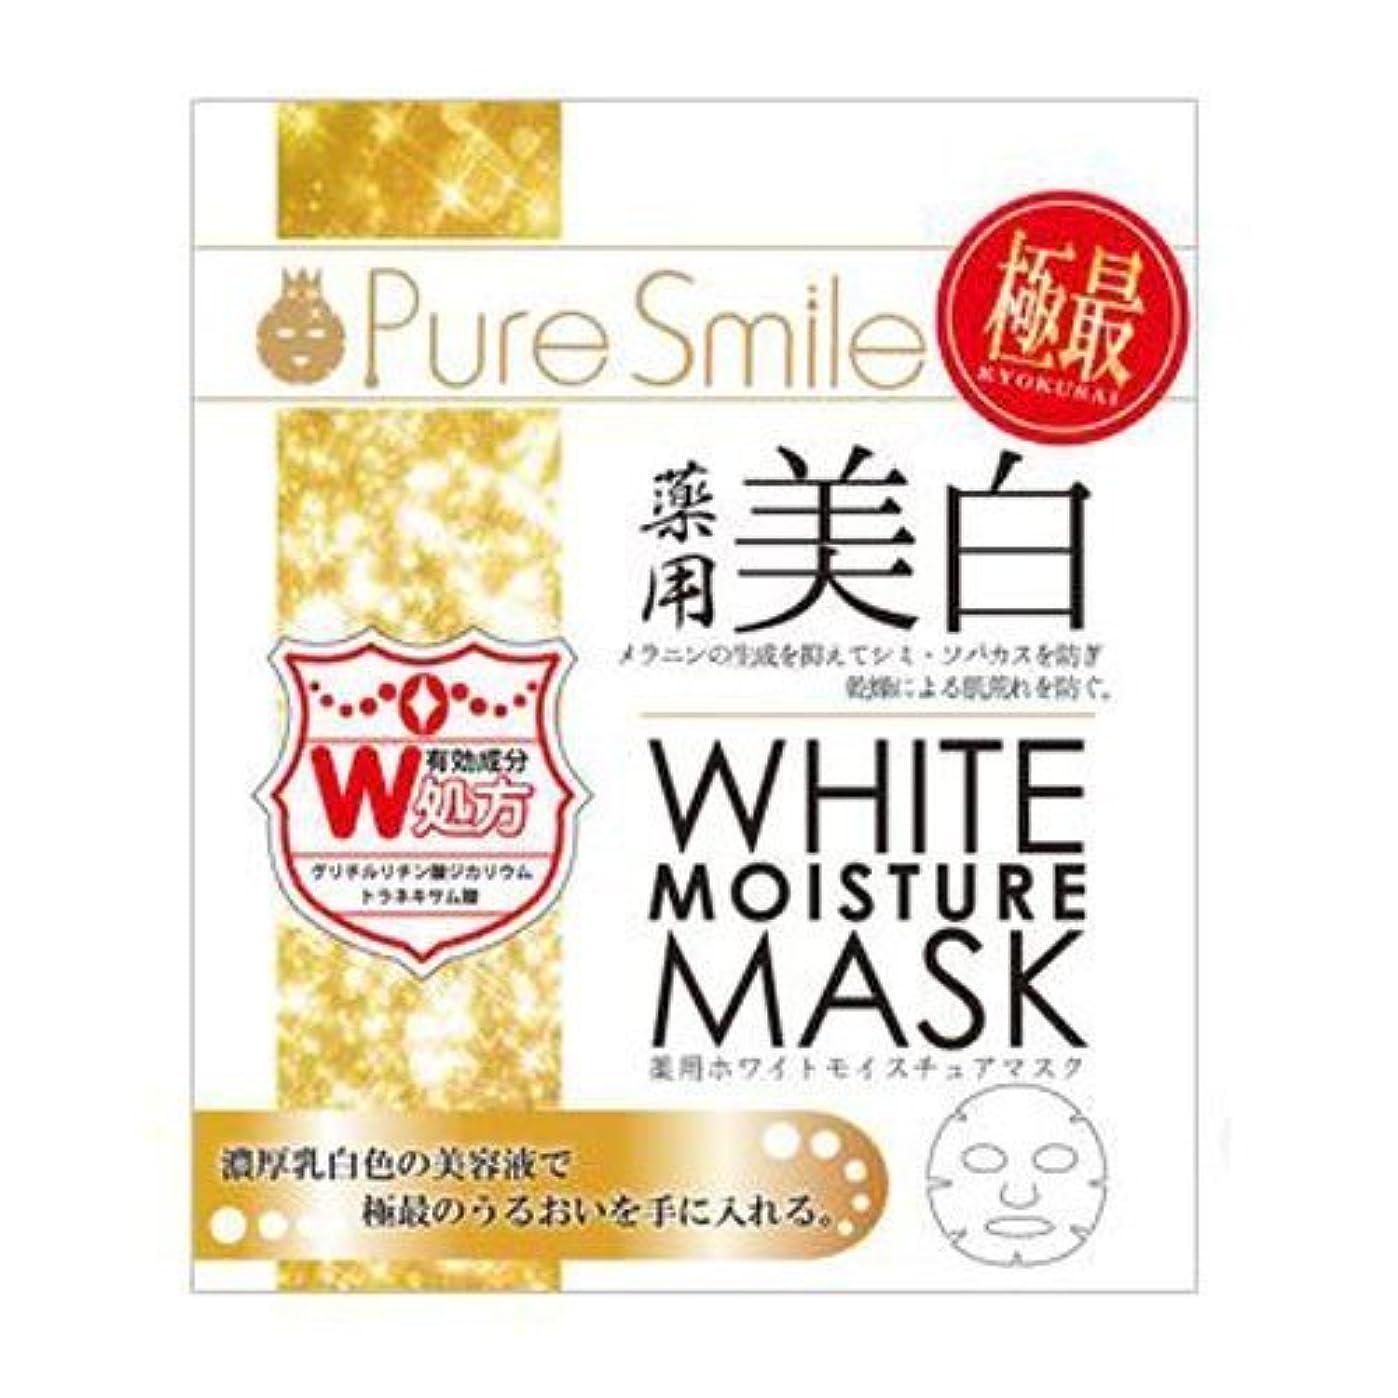 電話するハイジャックオフピュアスマイル エッセンスマスク 薬用ホワイトモイスチュアマスク